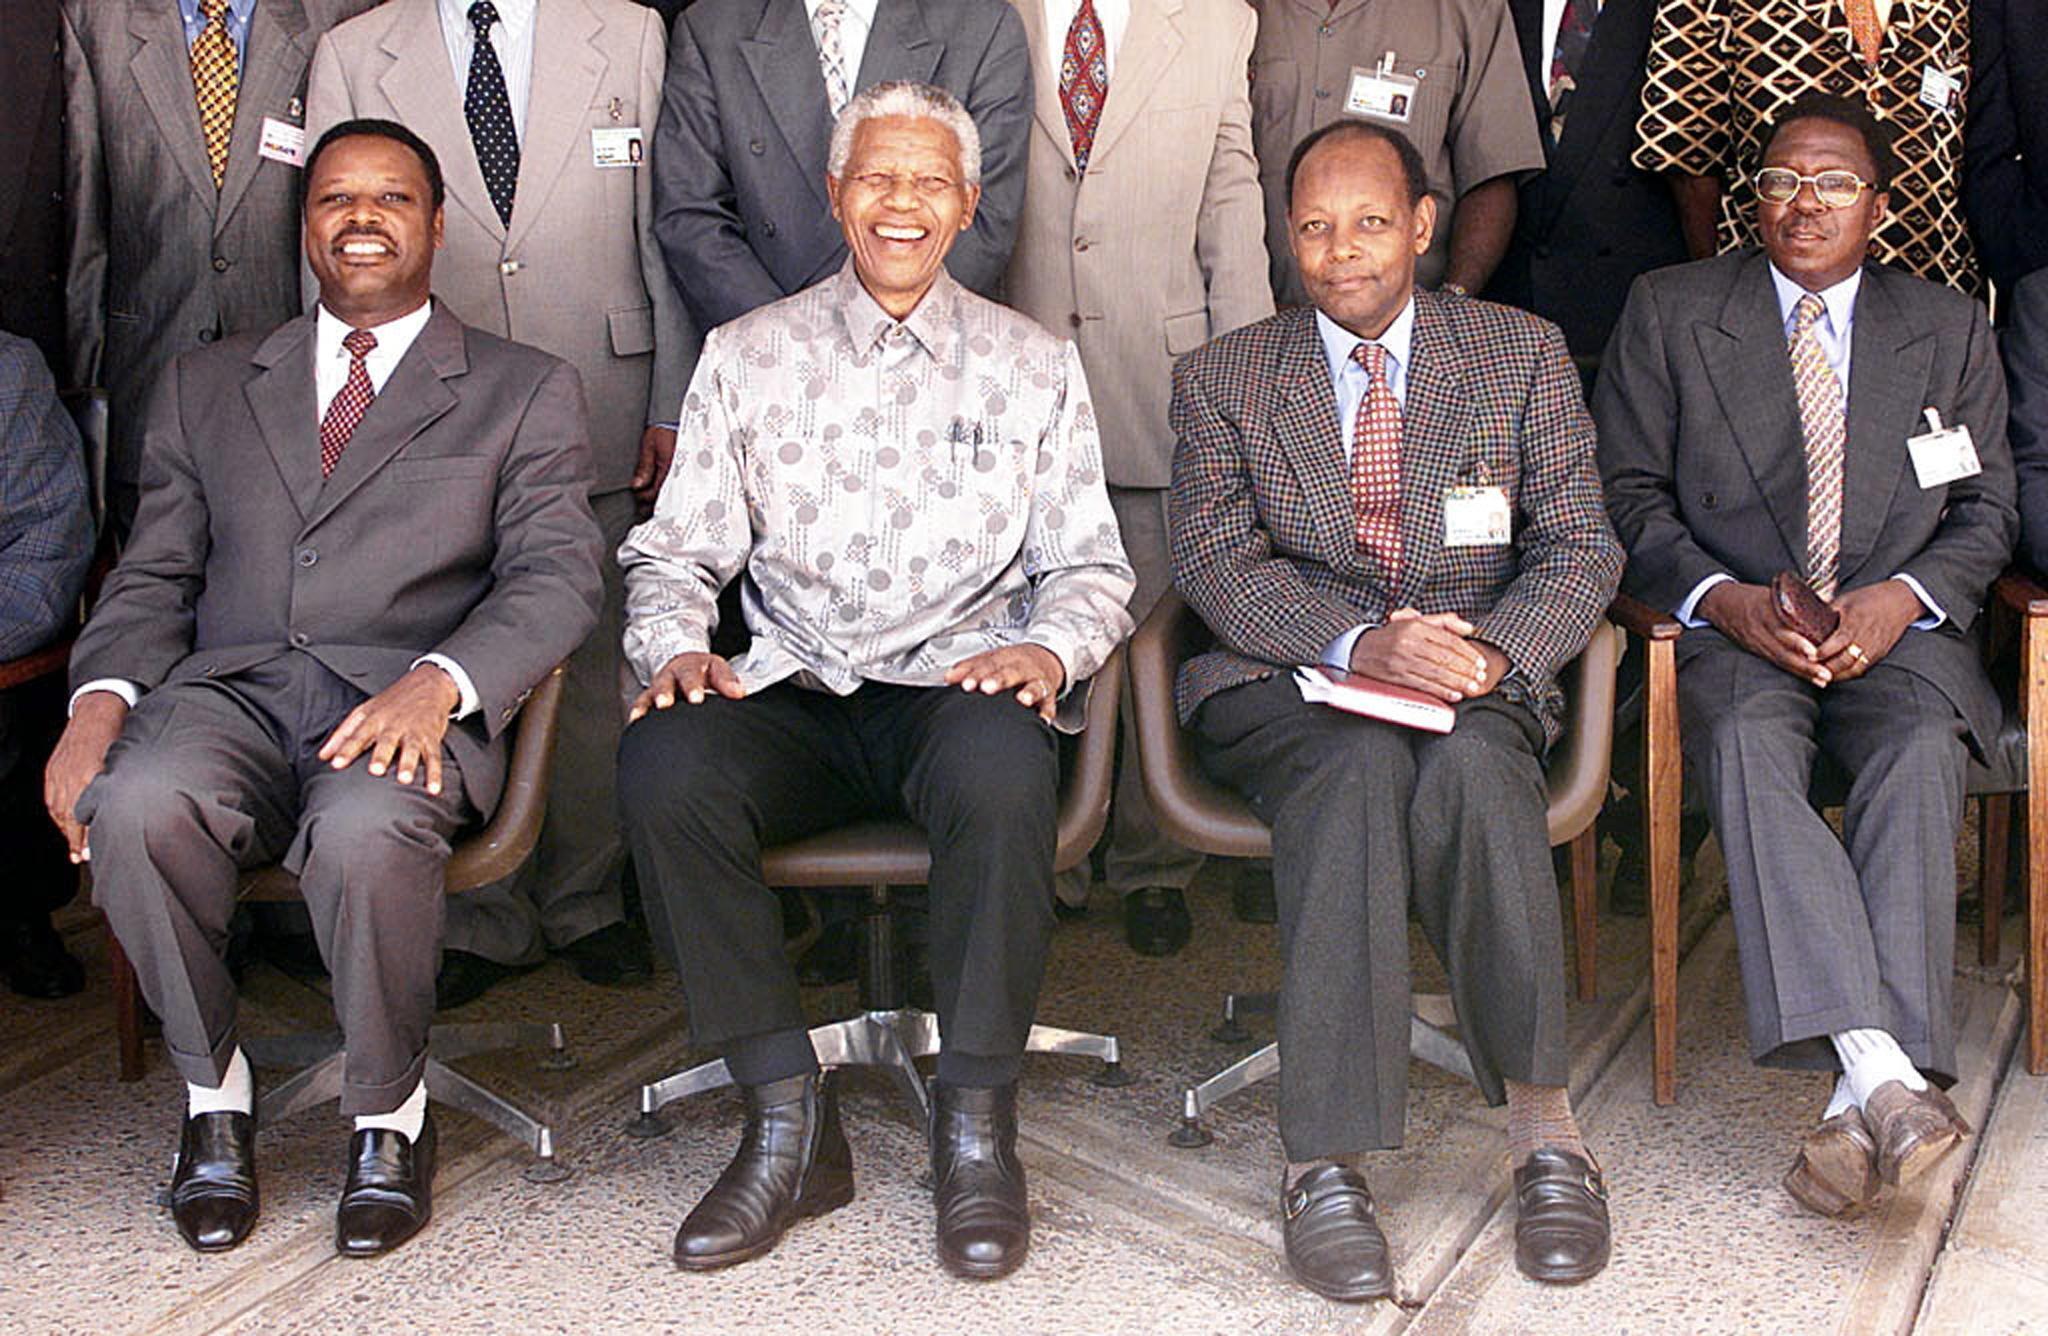 Aliyekuwa rais wa pili wa Burundi, Jean - Baptiste Bagaza, wa tatu kutoka kushoto.